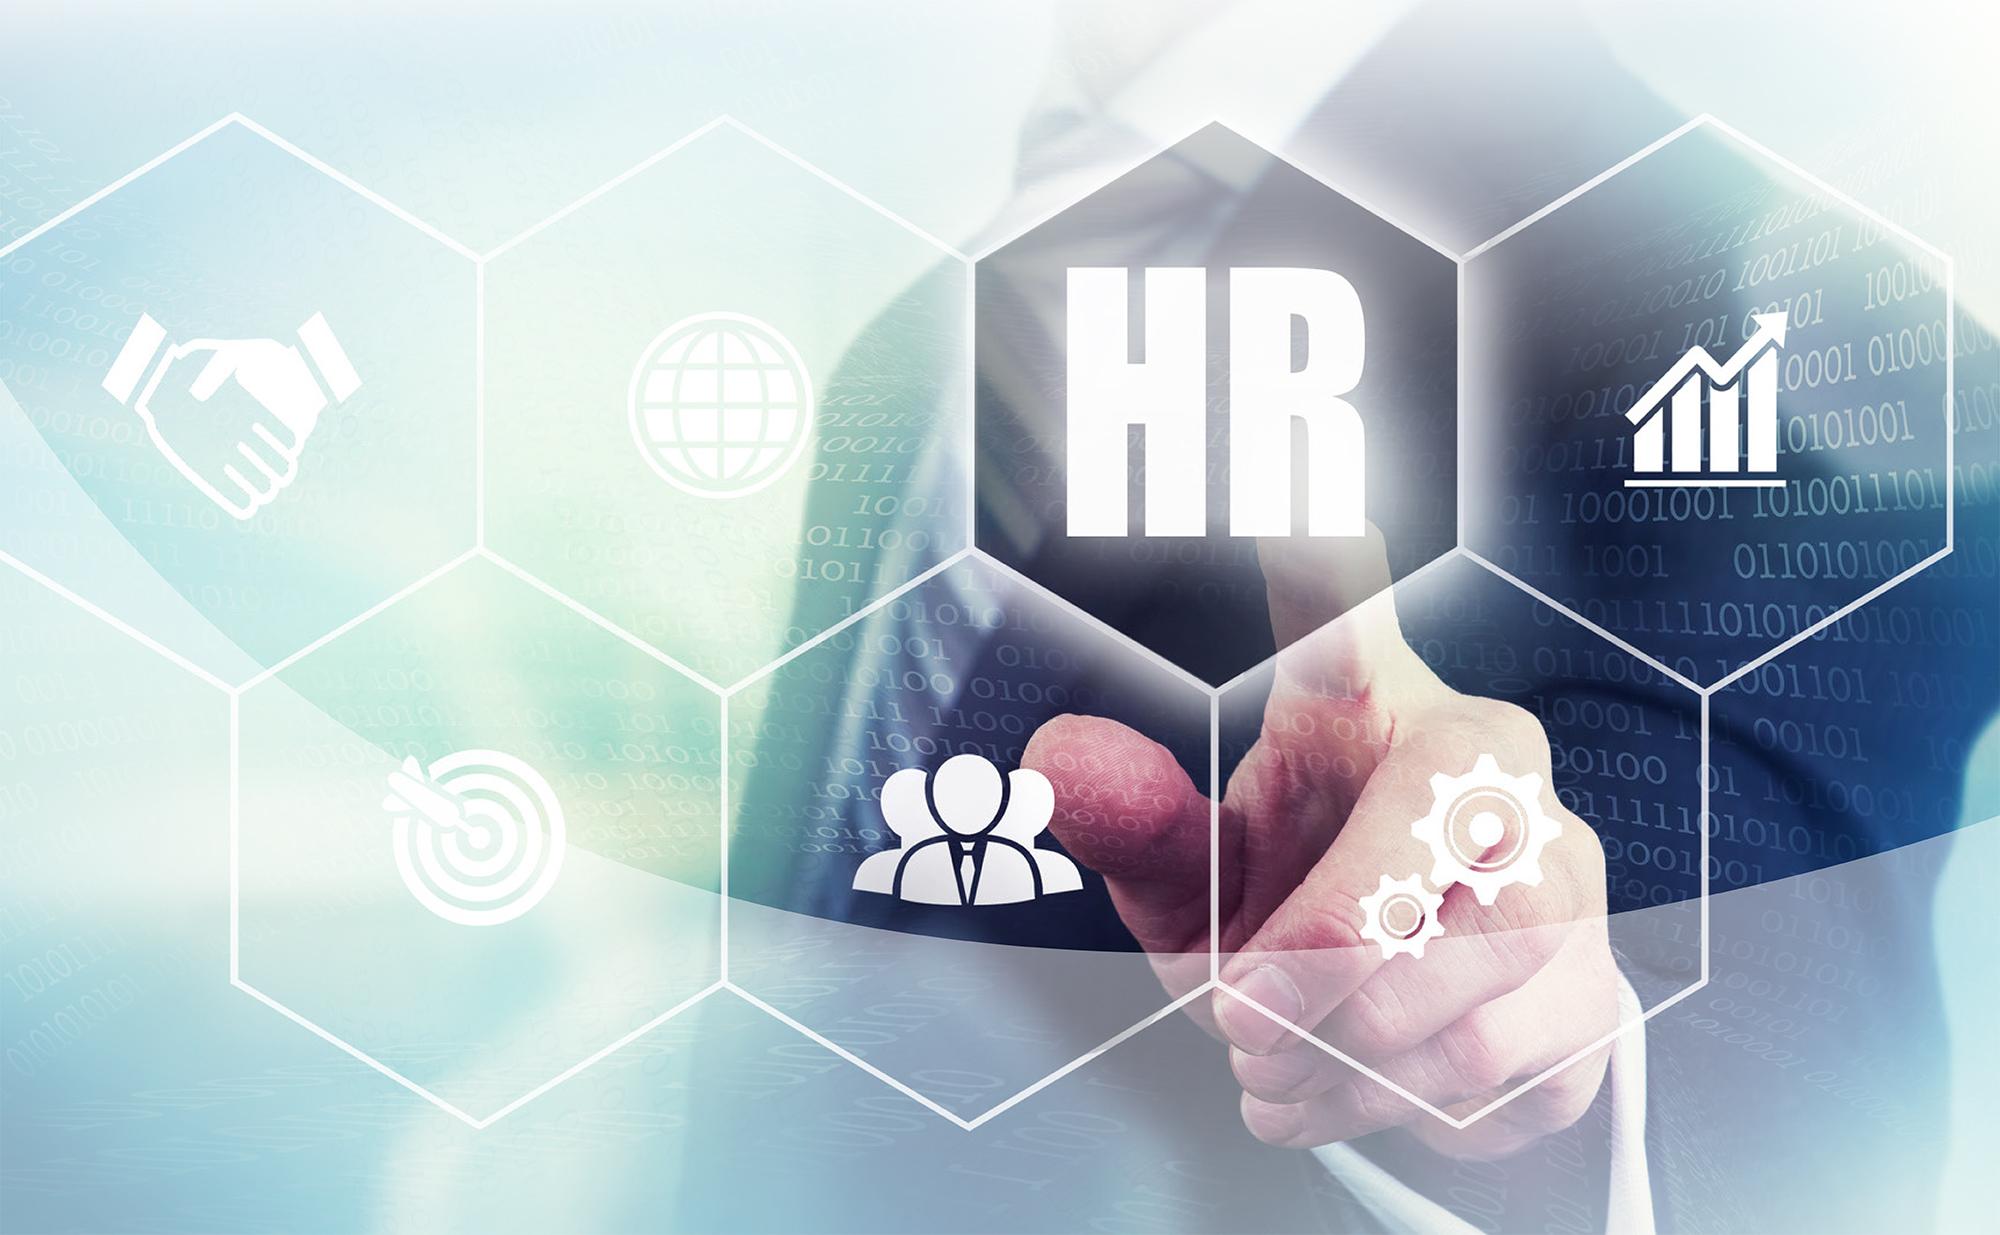 ressources humaine 25 sept 2017  le responsable des ressources humaines assure tout ou partie du développement et de la gestion administrative des ressources humaines.